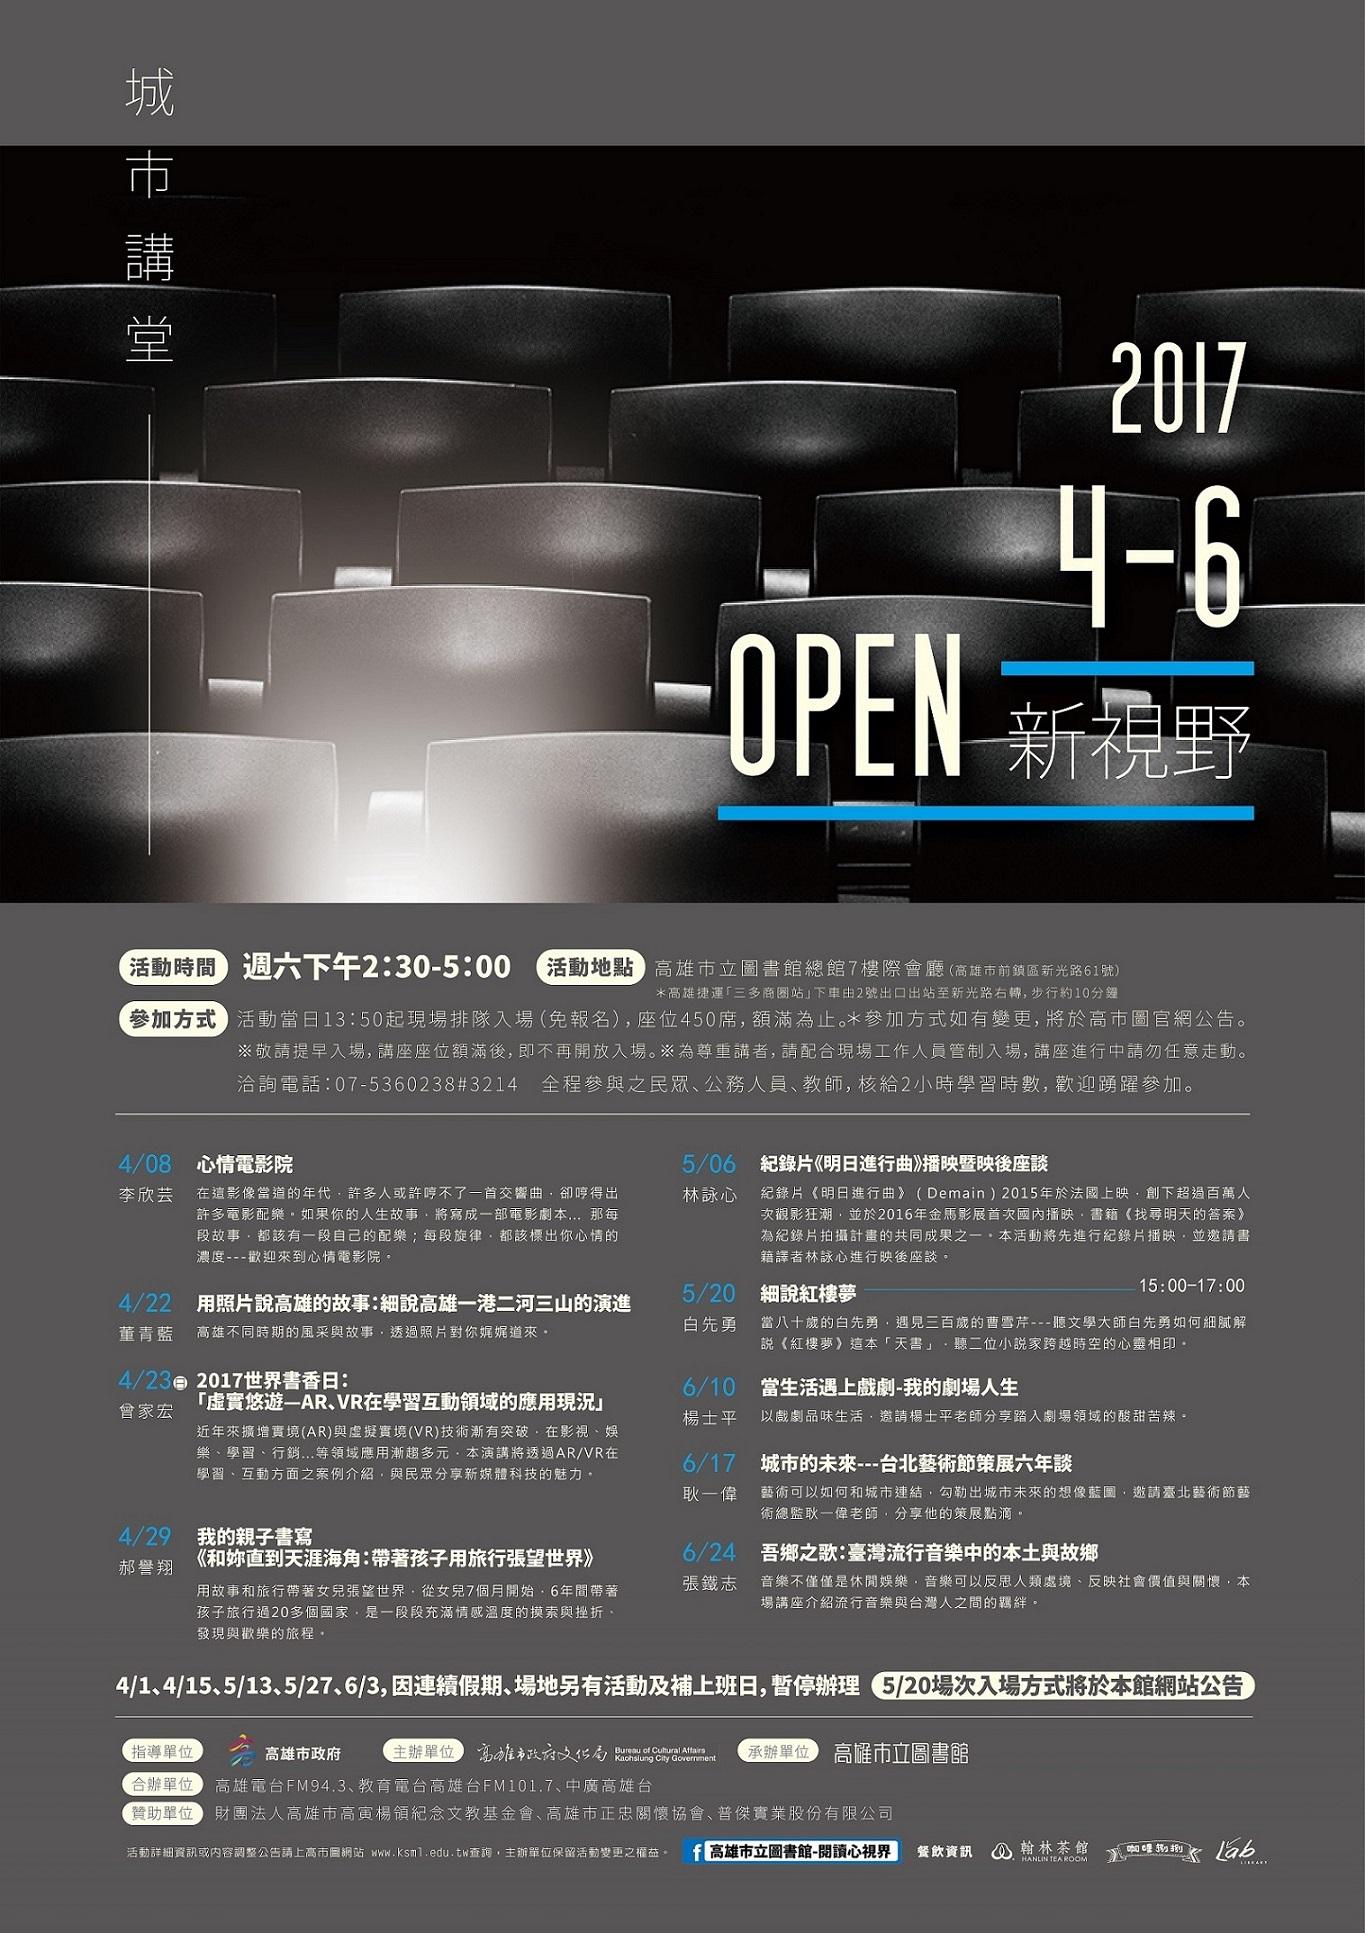 「2017城市講堂:OPEN新視野」、「大東講堂」、「岡山講堂」第二期活動訊息